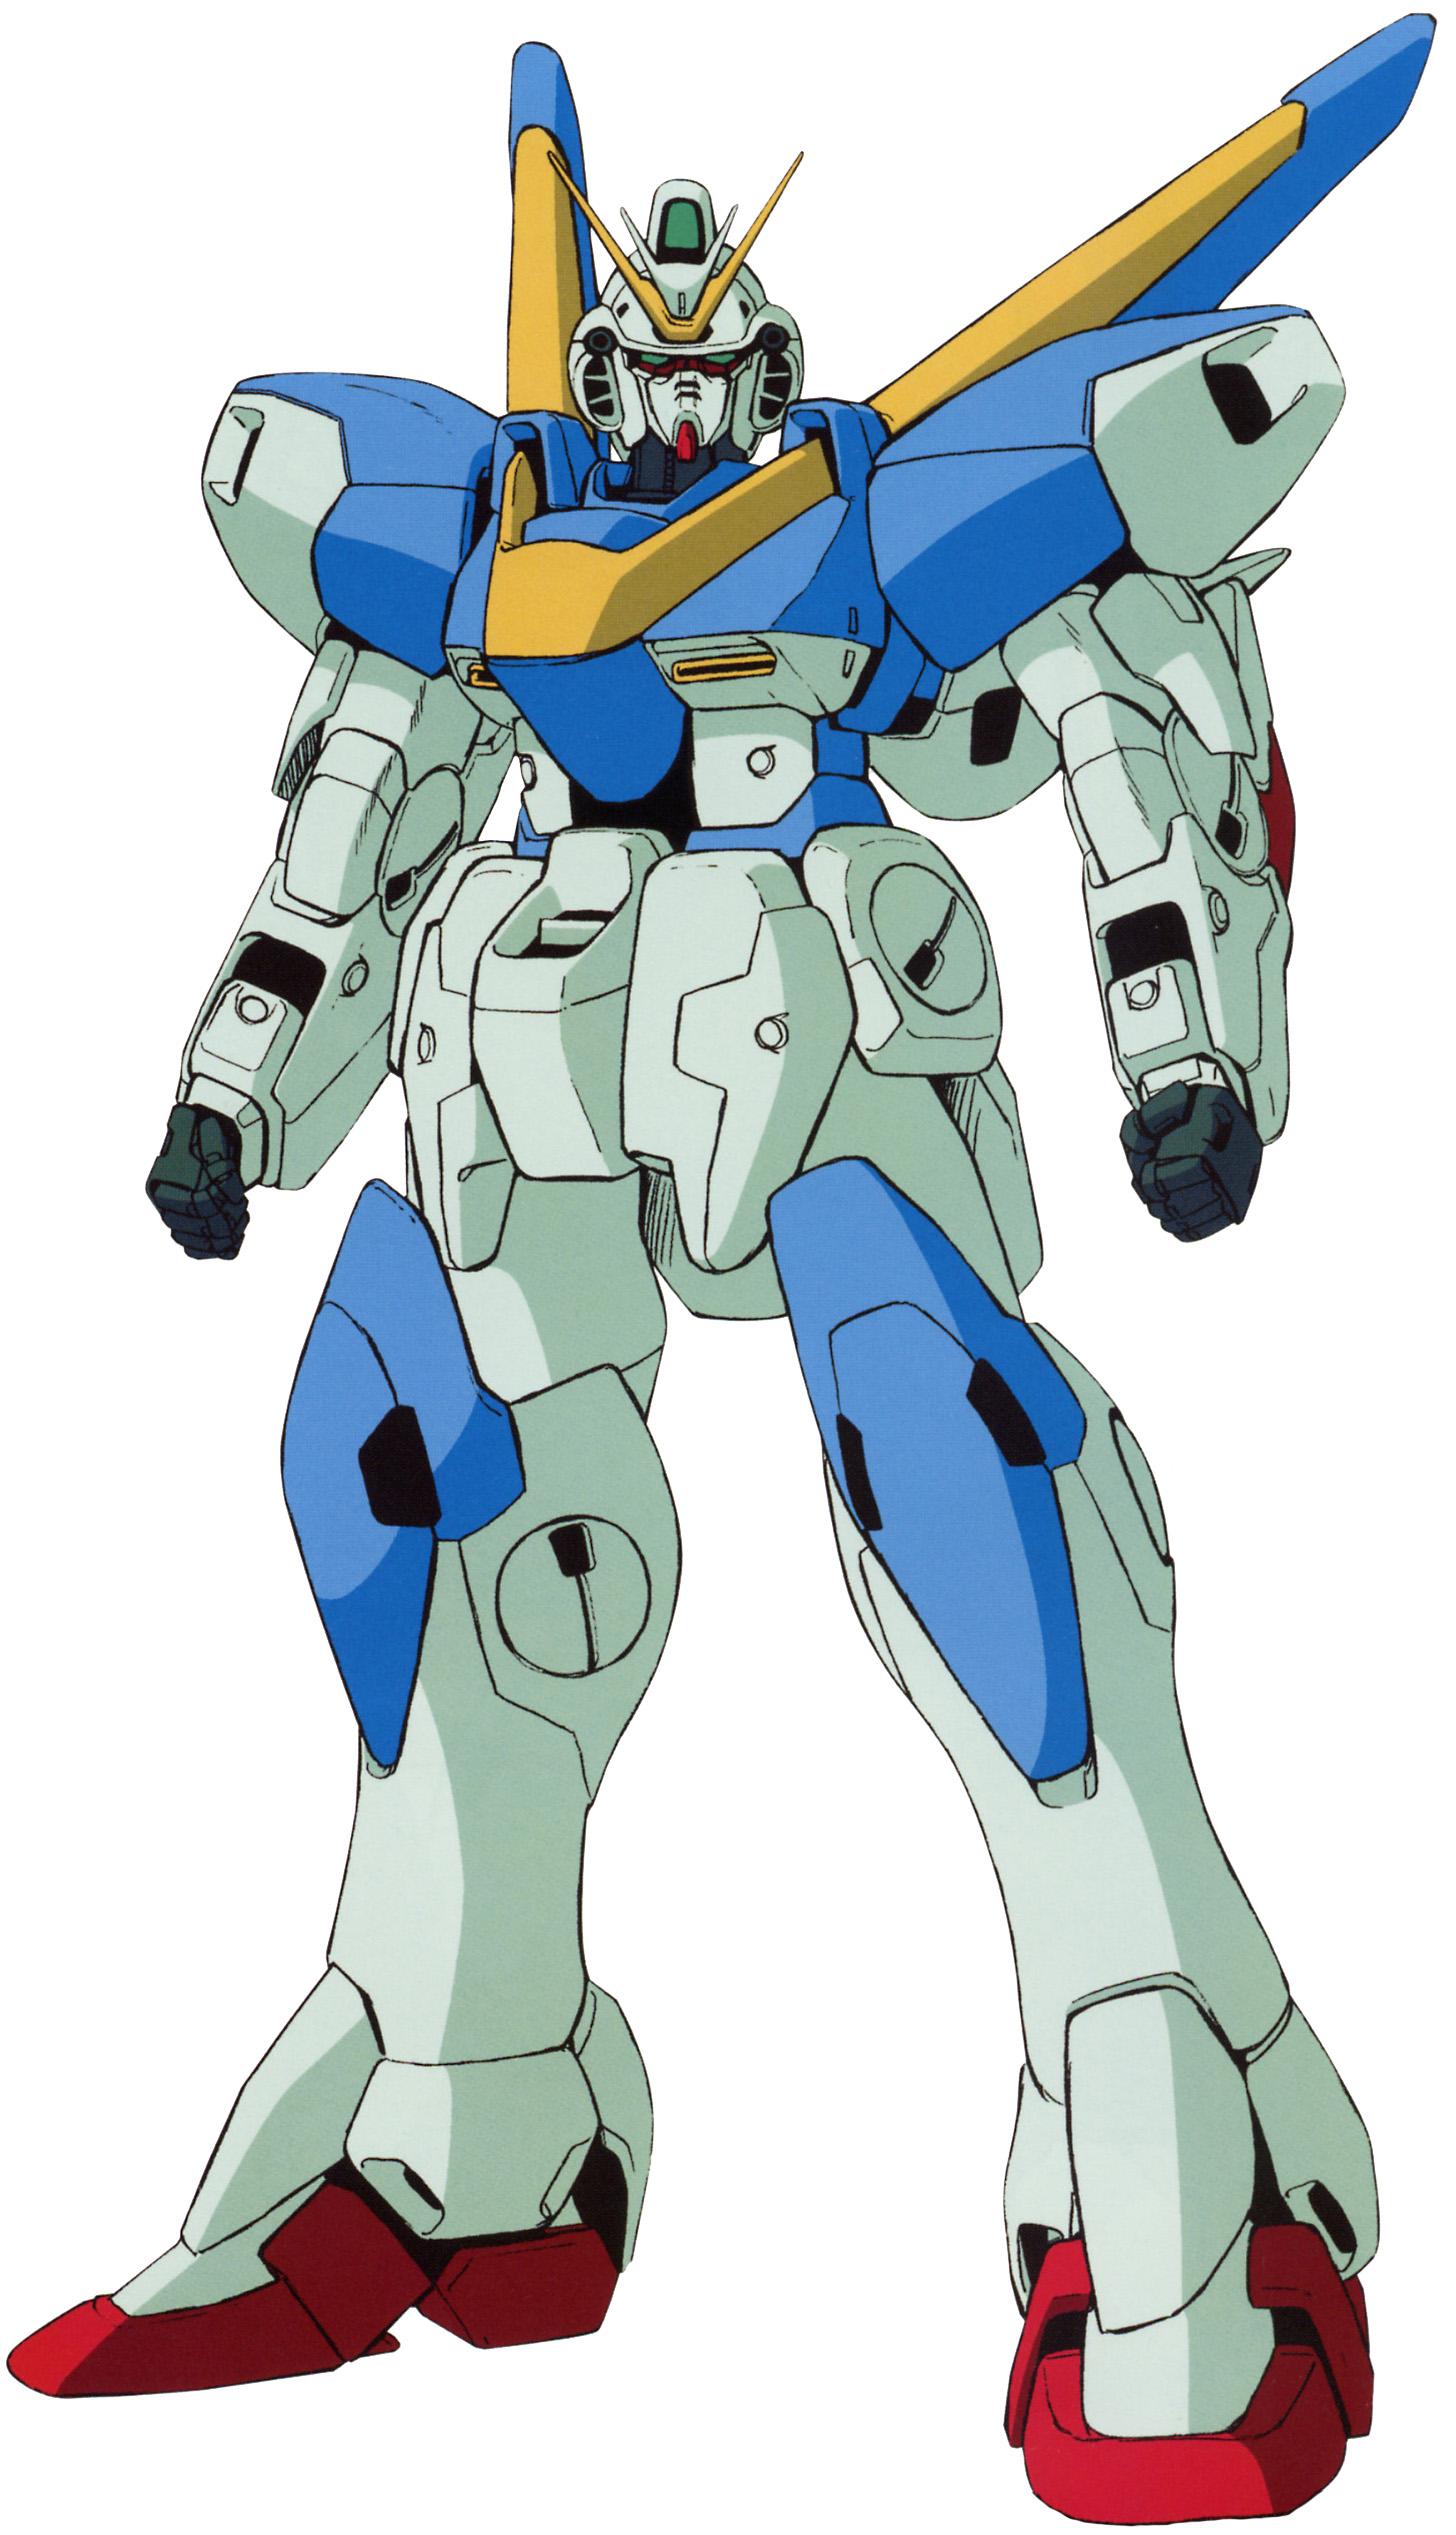 LM314V21 Victory 2 Gundam - Gundam Wiki